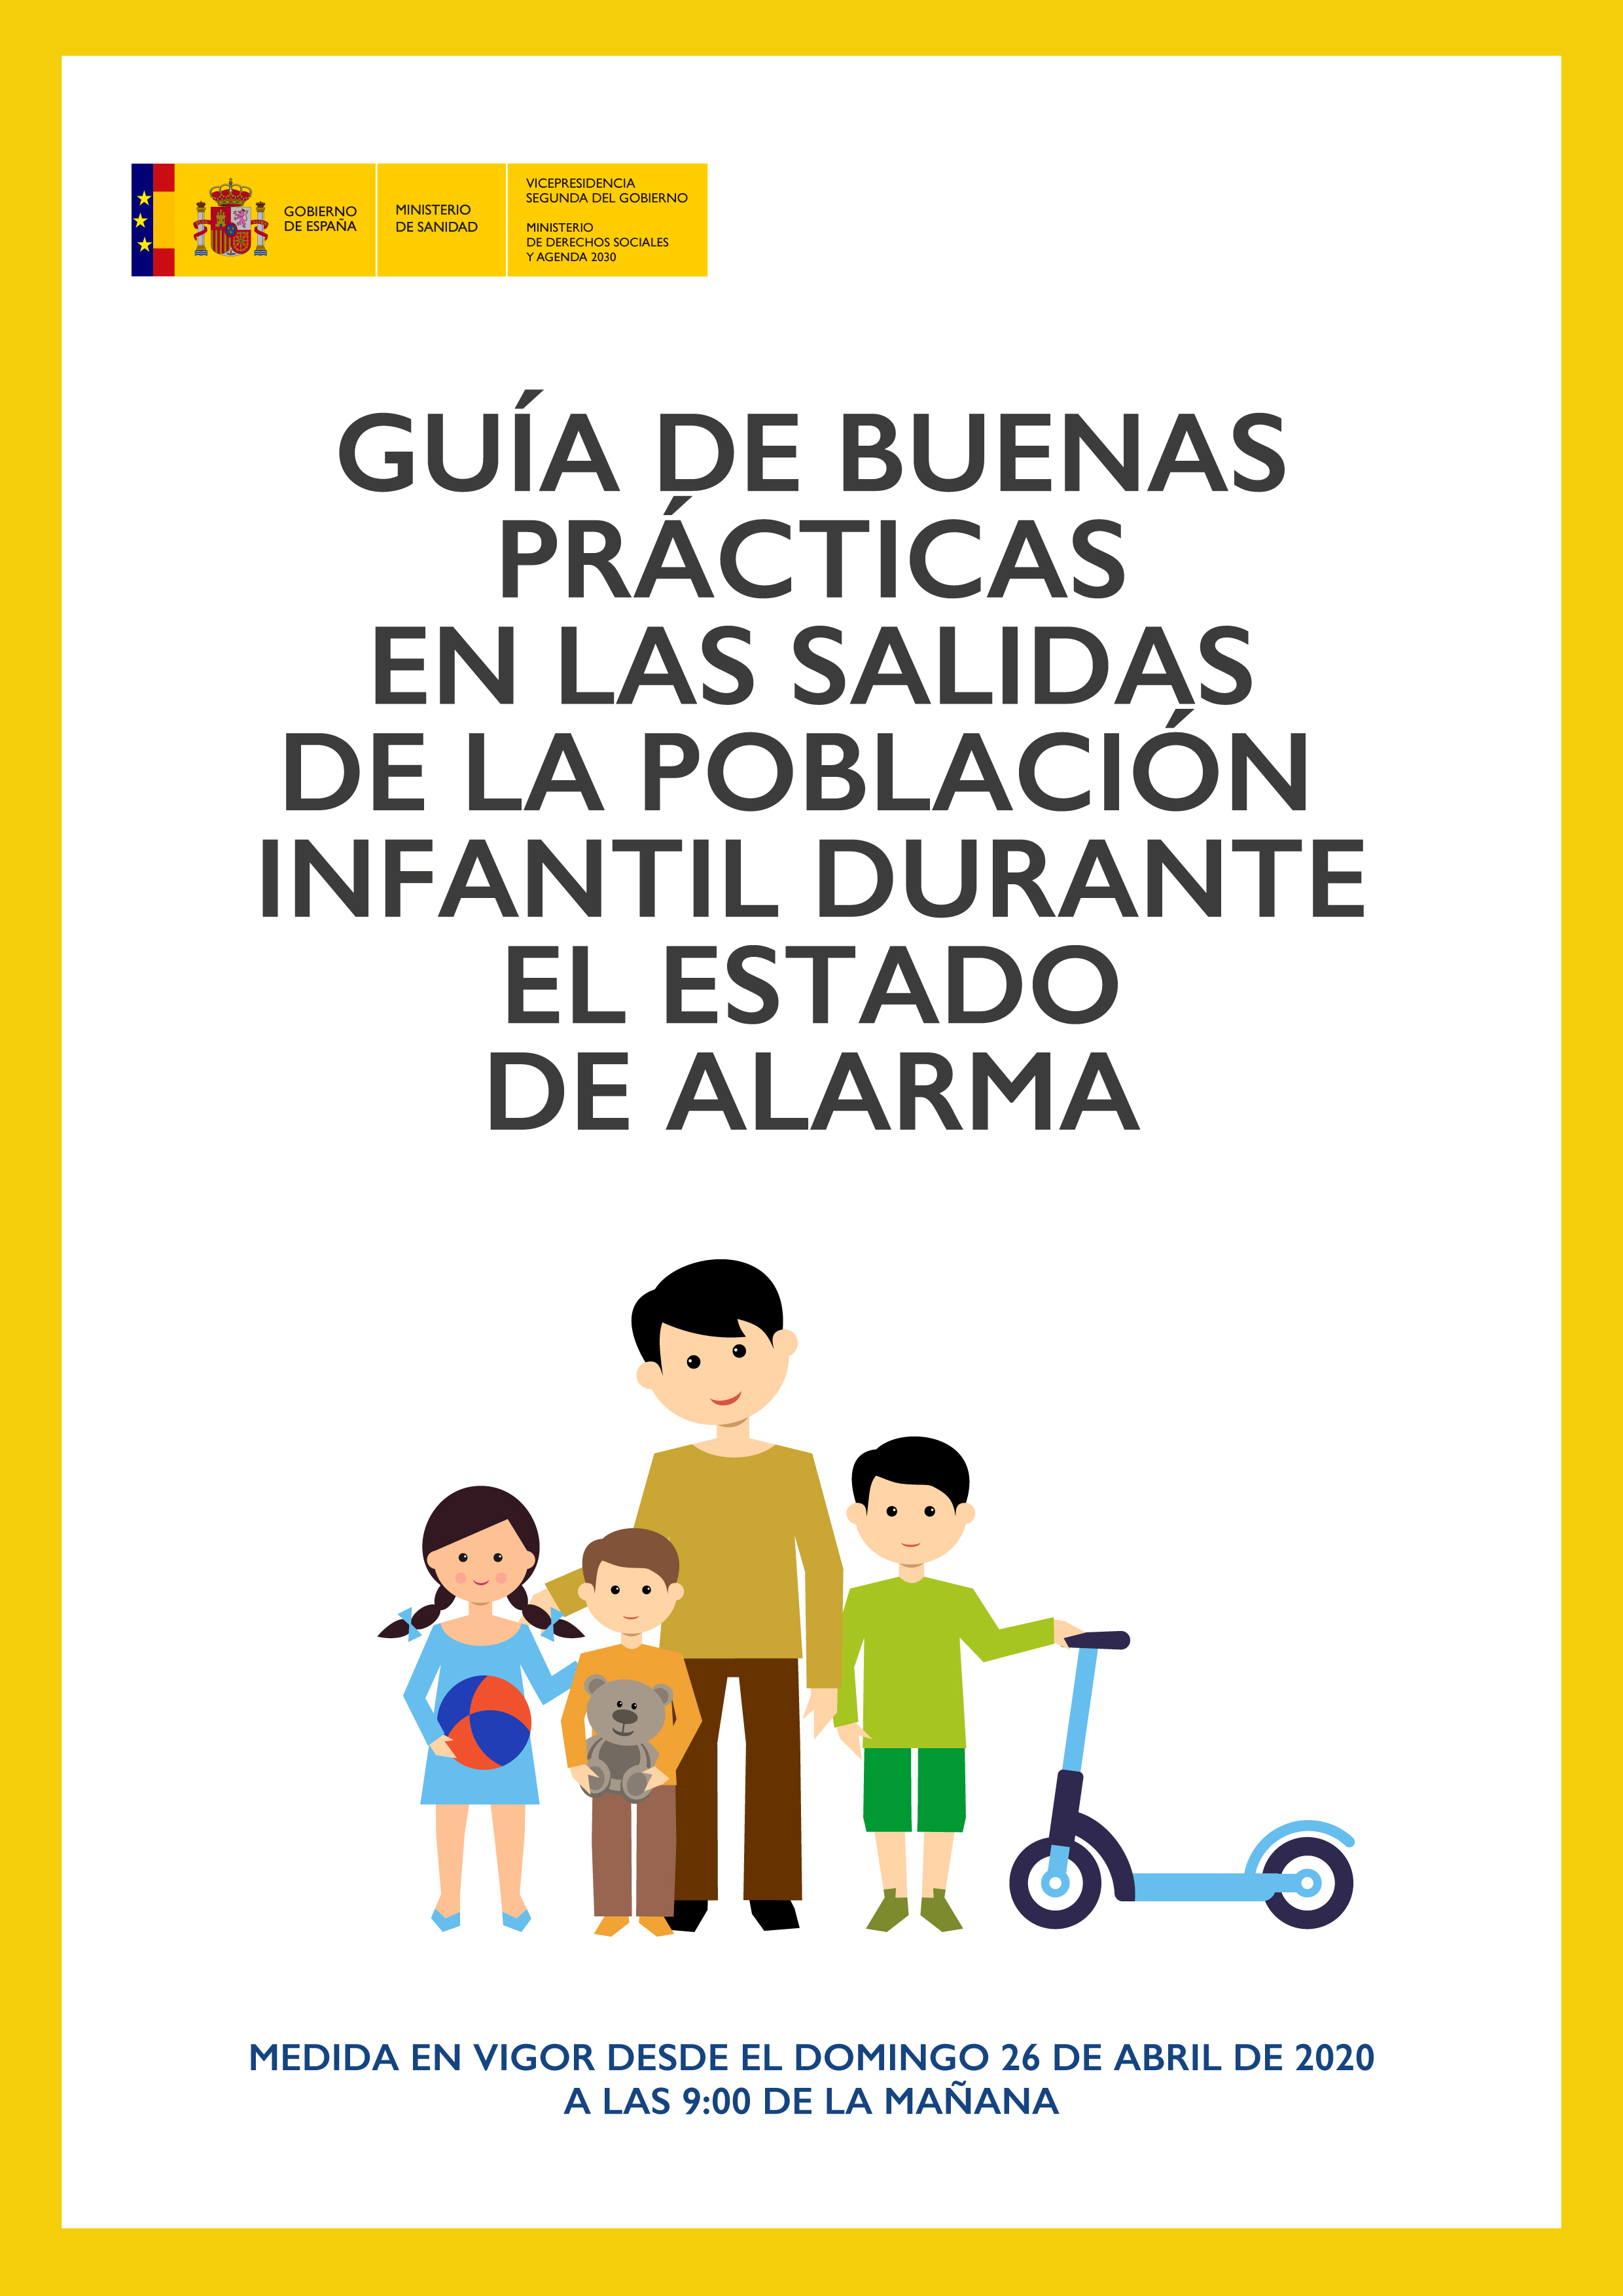 GUIA_DE_BUENAS_PRACTICAS_EN_LAS_SALIDAS_DE_LA_POBLACIO´N_INFANTI